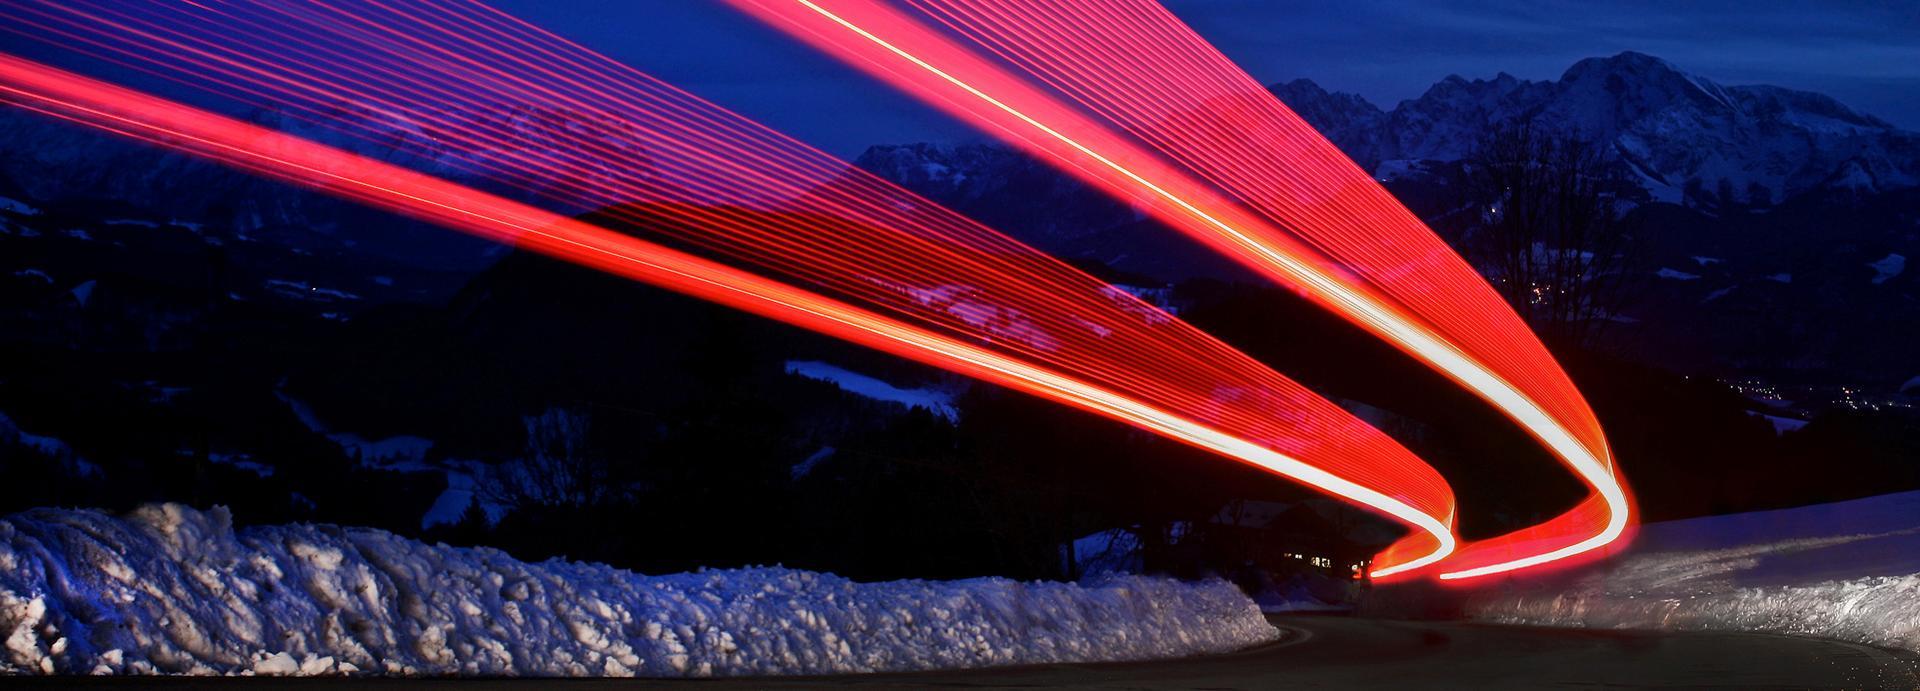 La velocità della luce rappresentata con leds rossi